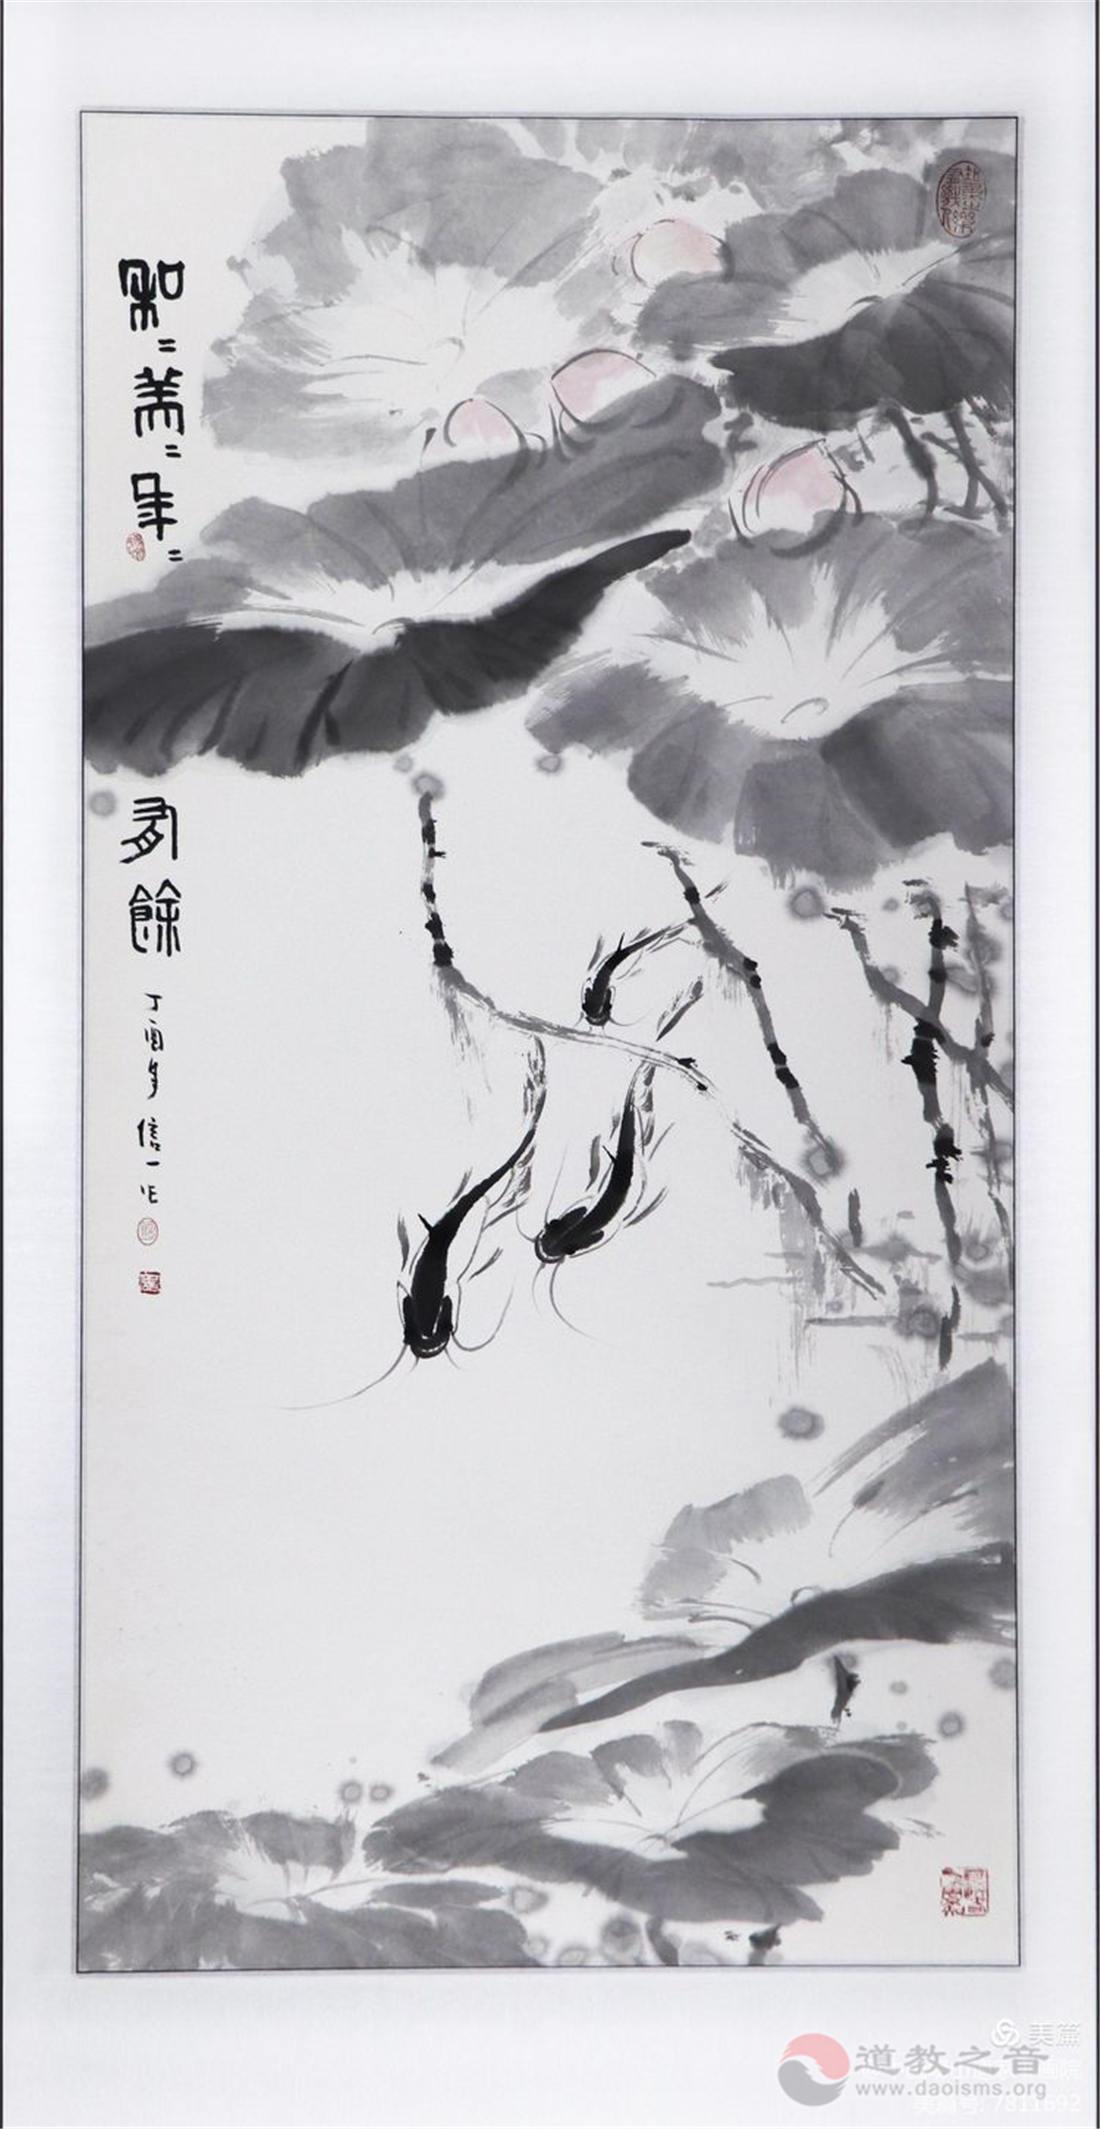 作者:谭国信